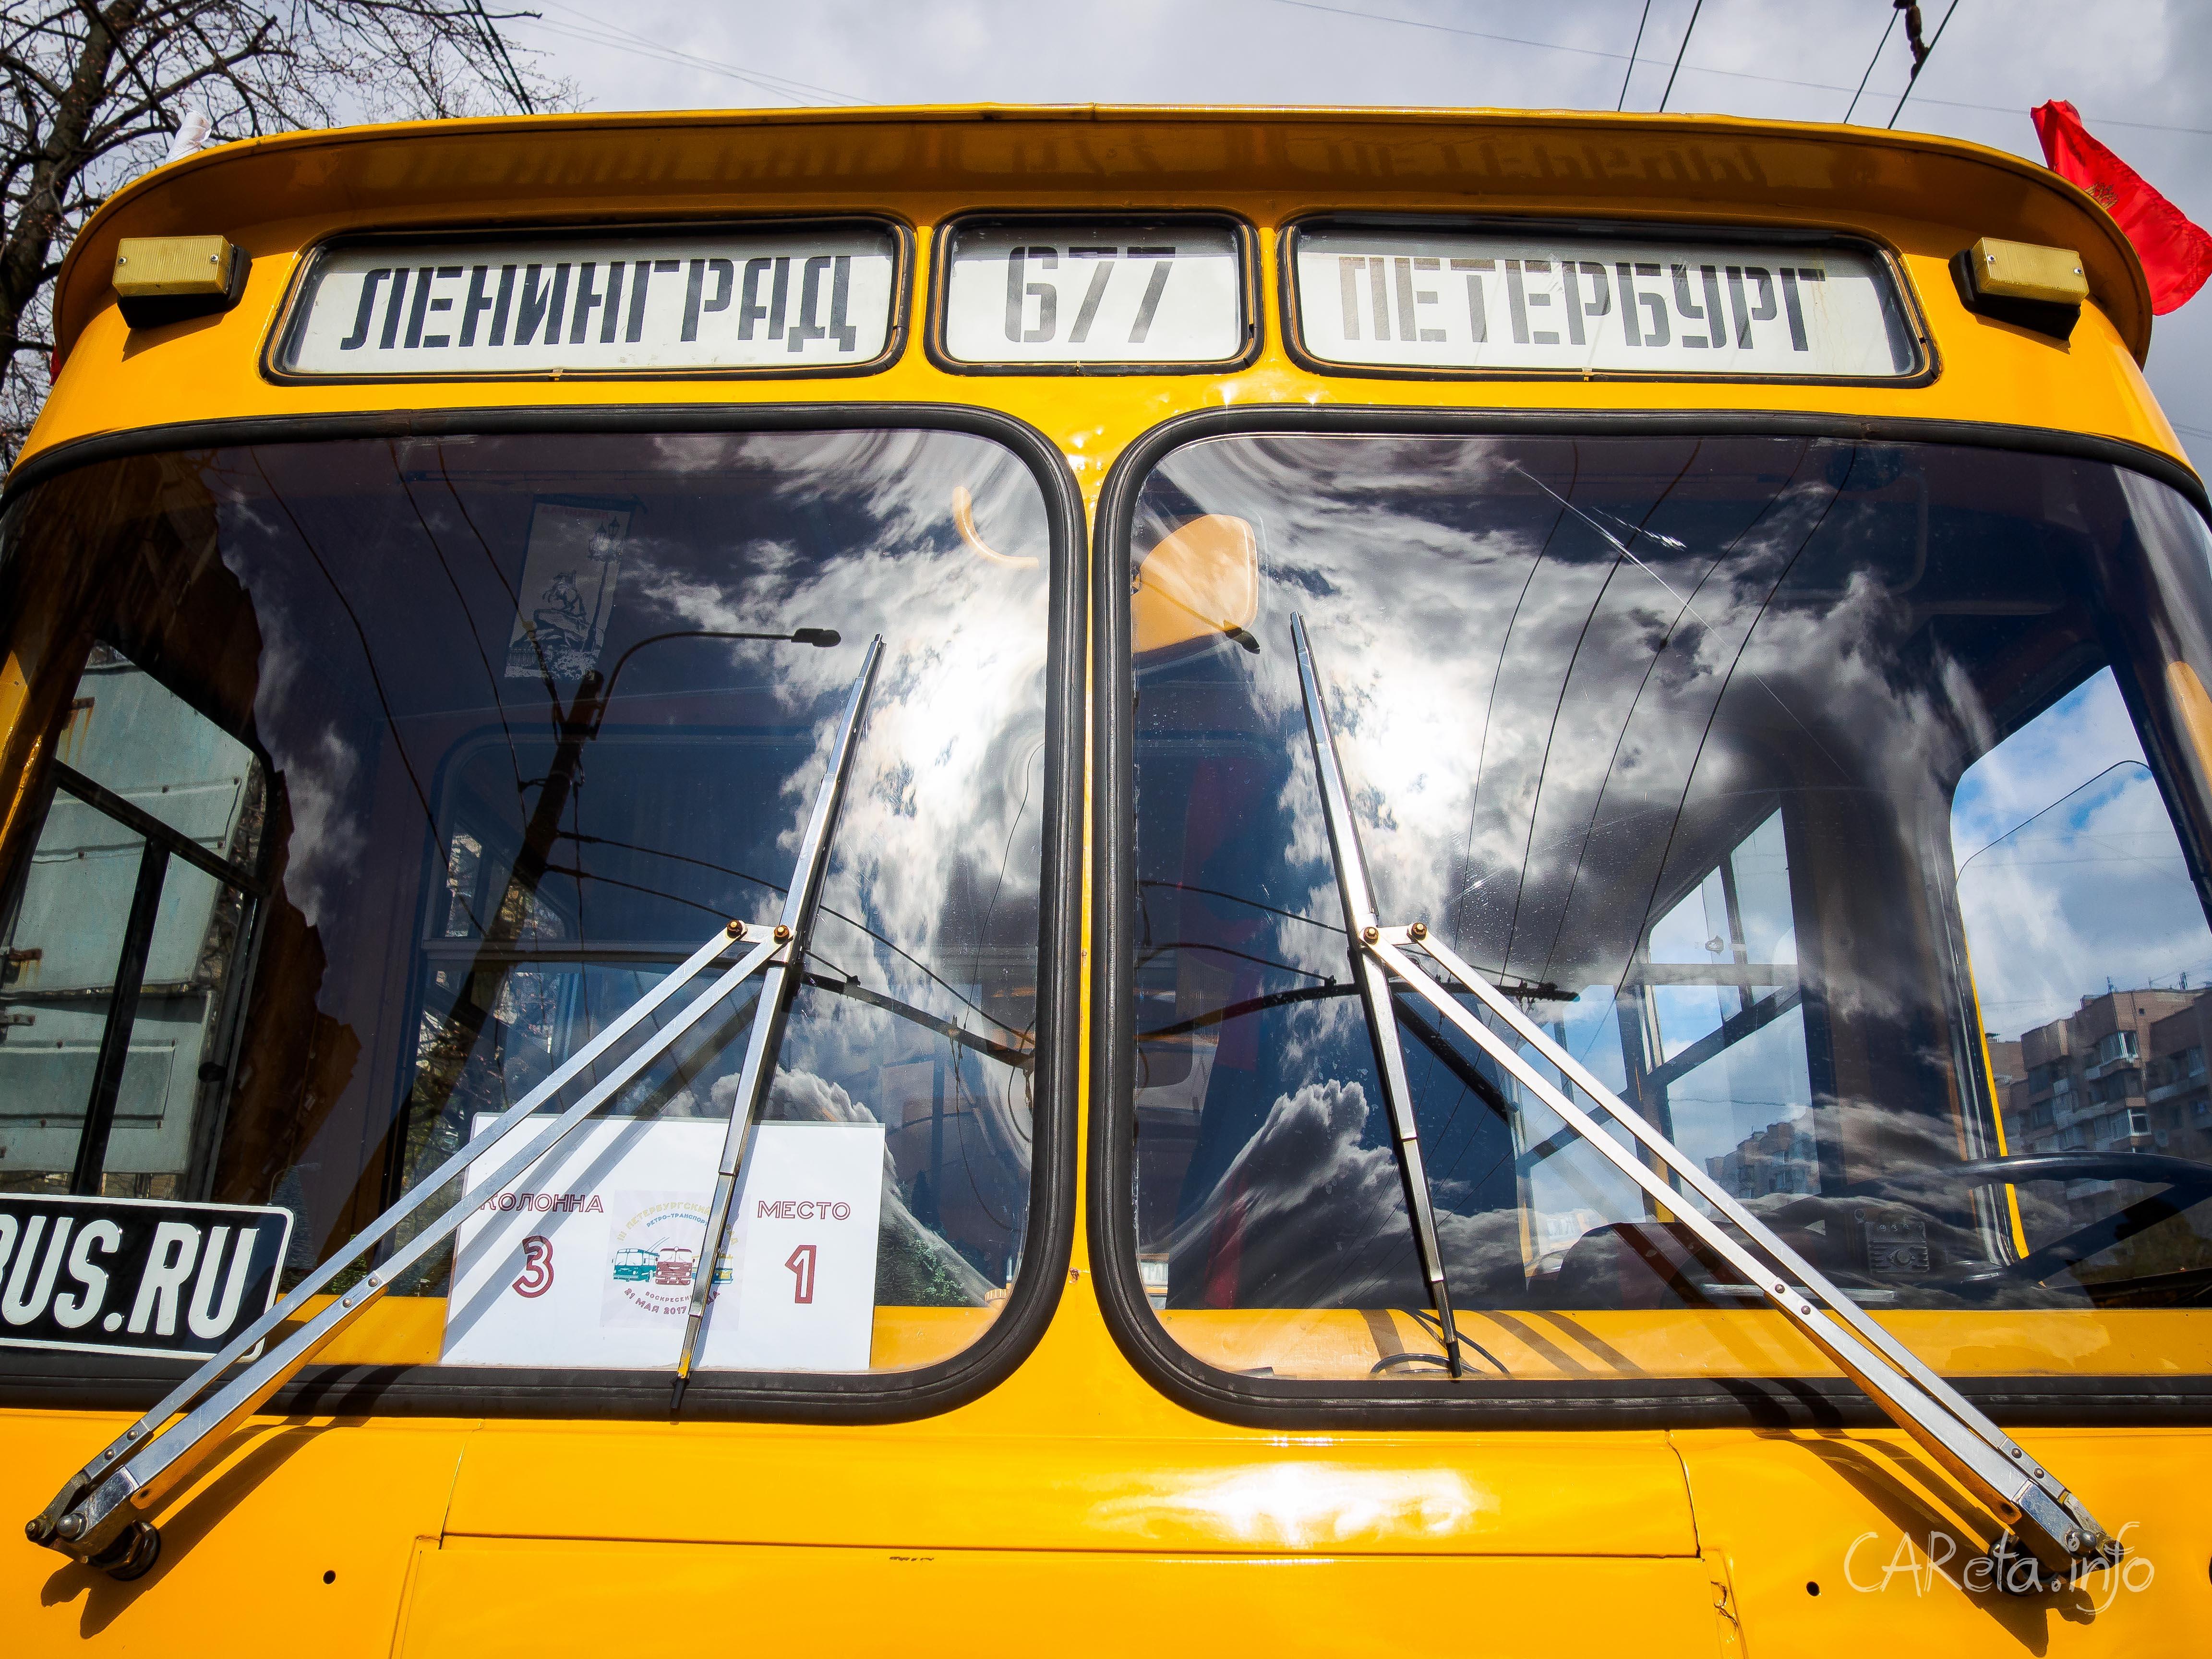 Связь времен, связь поколений: ретро-пробег пройдет в Петербурге